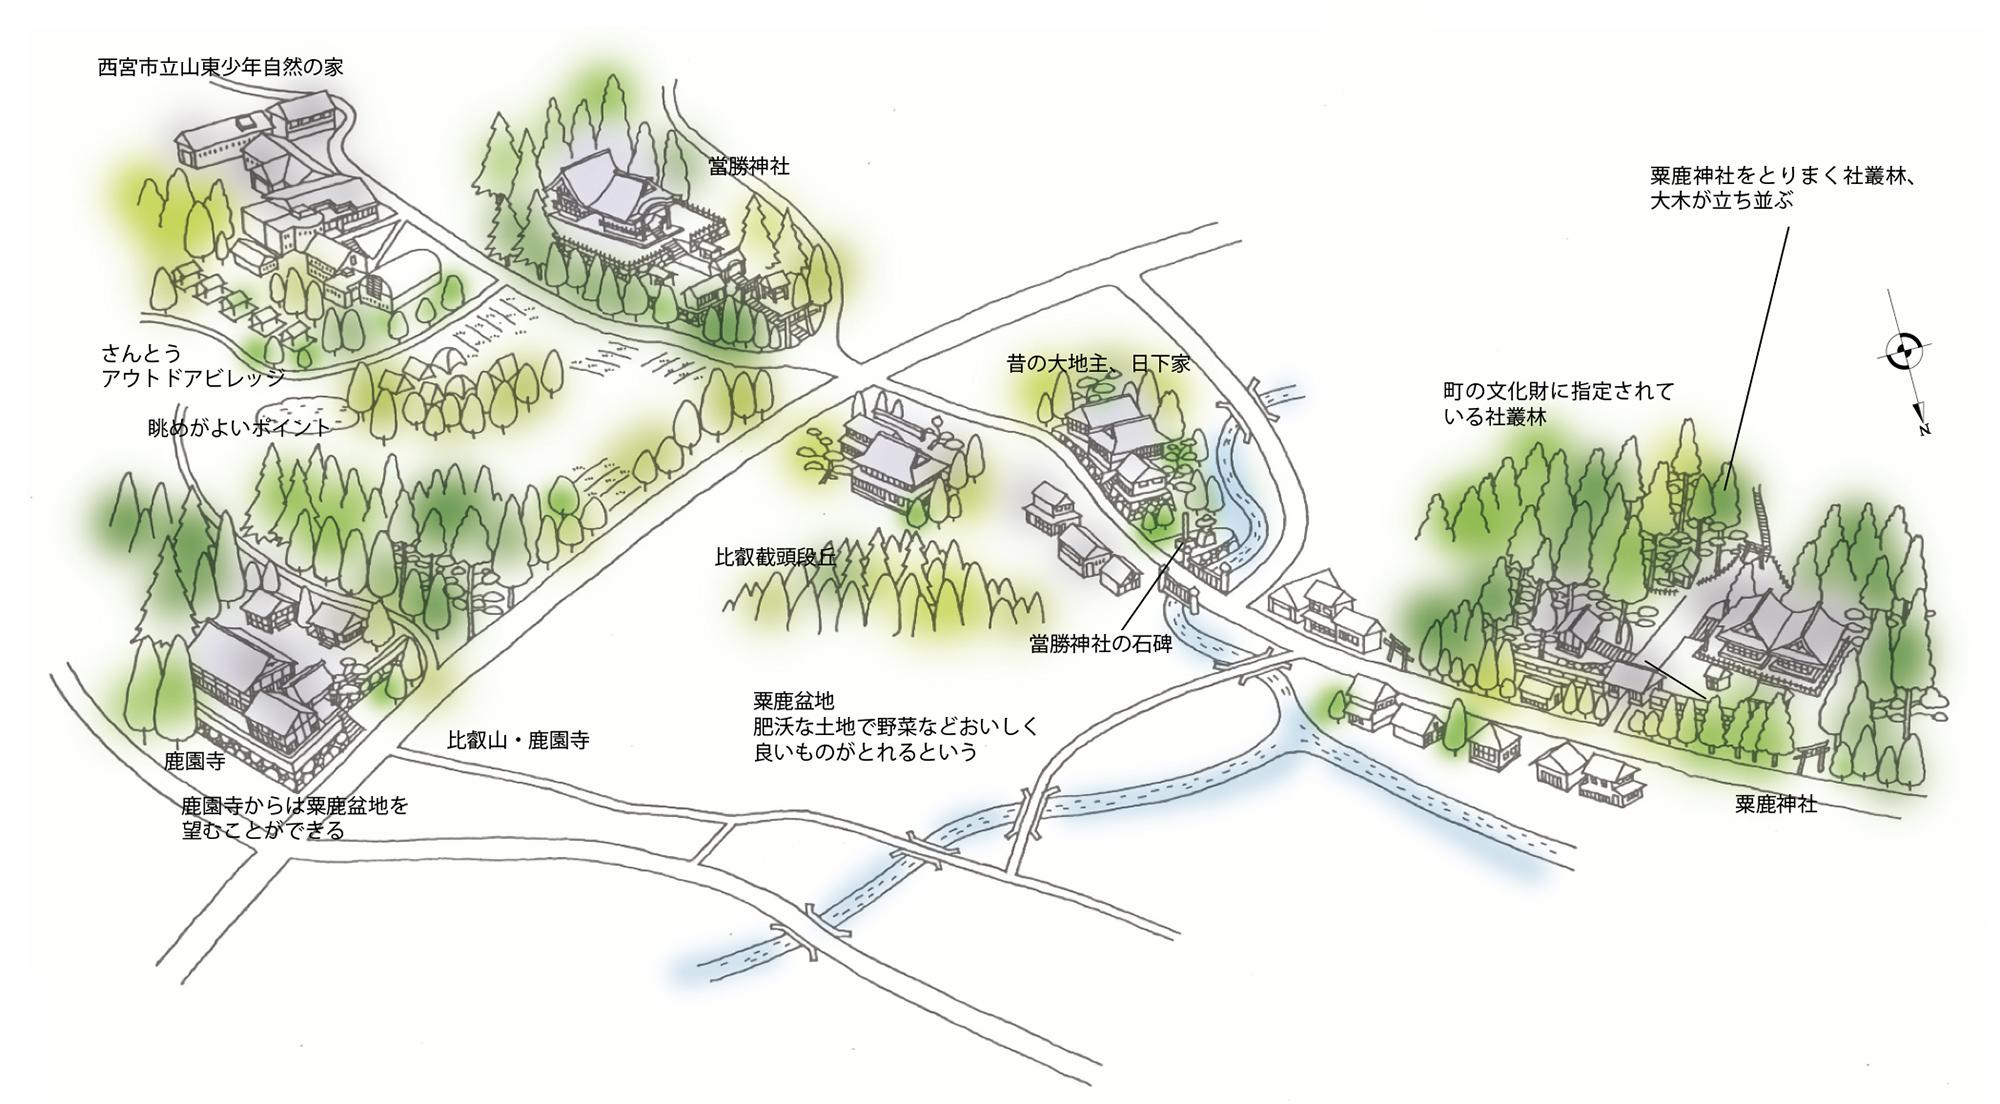 粟鹿神社周辺を歩く<朝来市山東町粟鹿>(Vol.54/2005年4月発行)